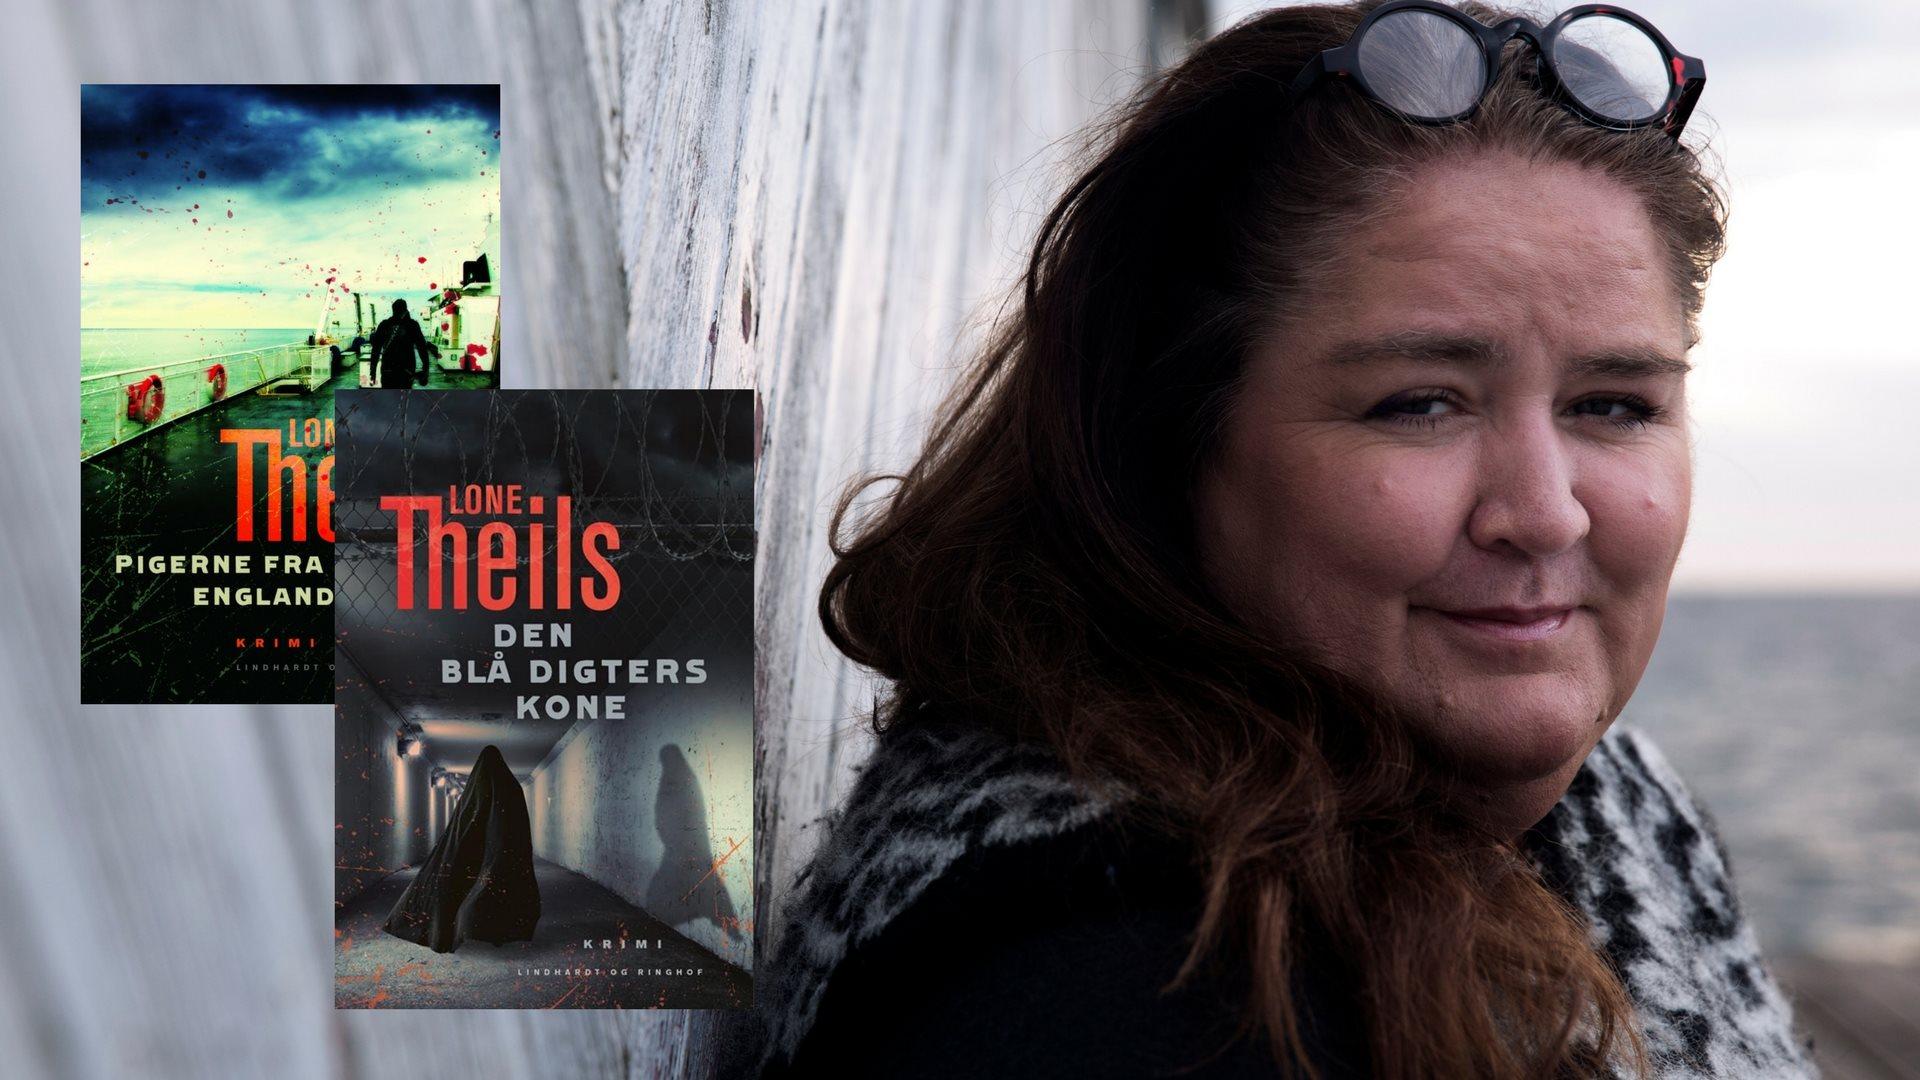 Lone Theils, Nora Sand serien, krimi, krimiserie, pigerne fra englandsbåden, den blå digters kone